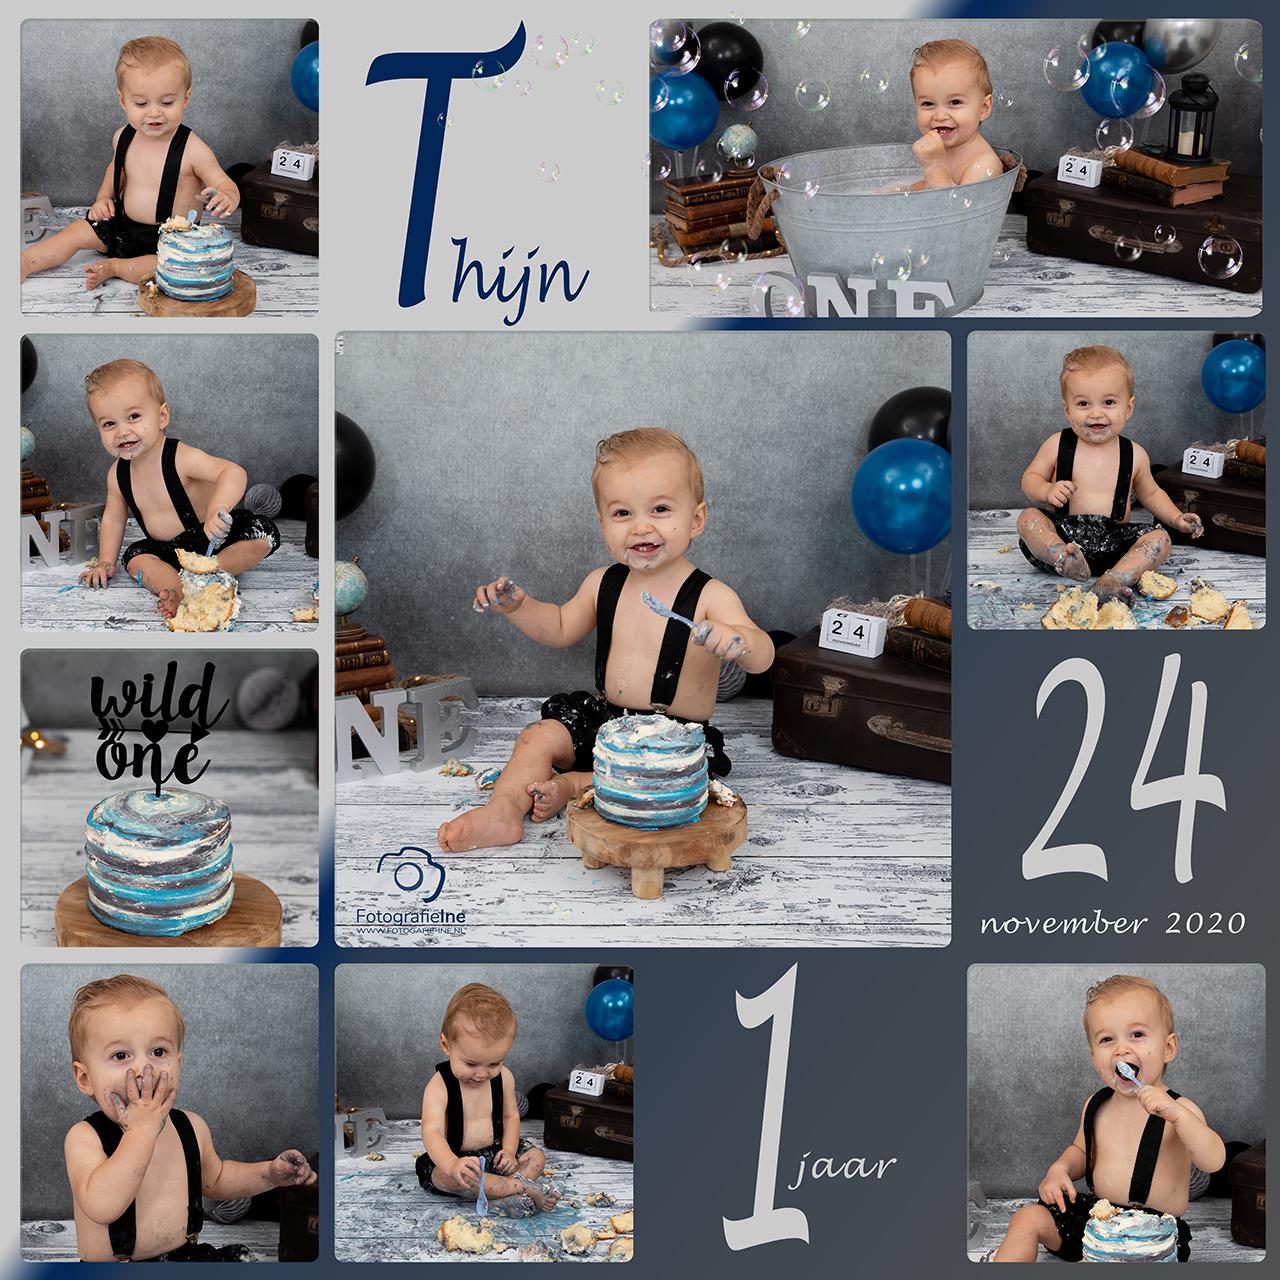 Fotografie Ine collage cakesmash Thijn eerste verjaardag cakesmashshoot site